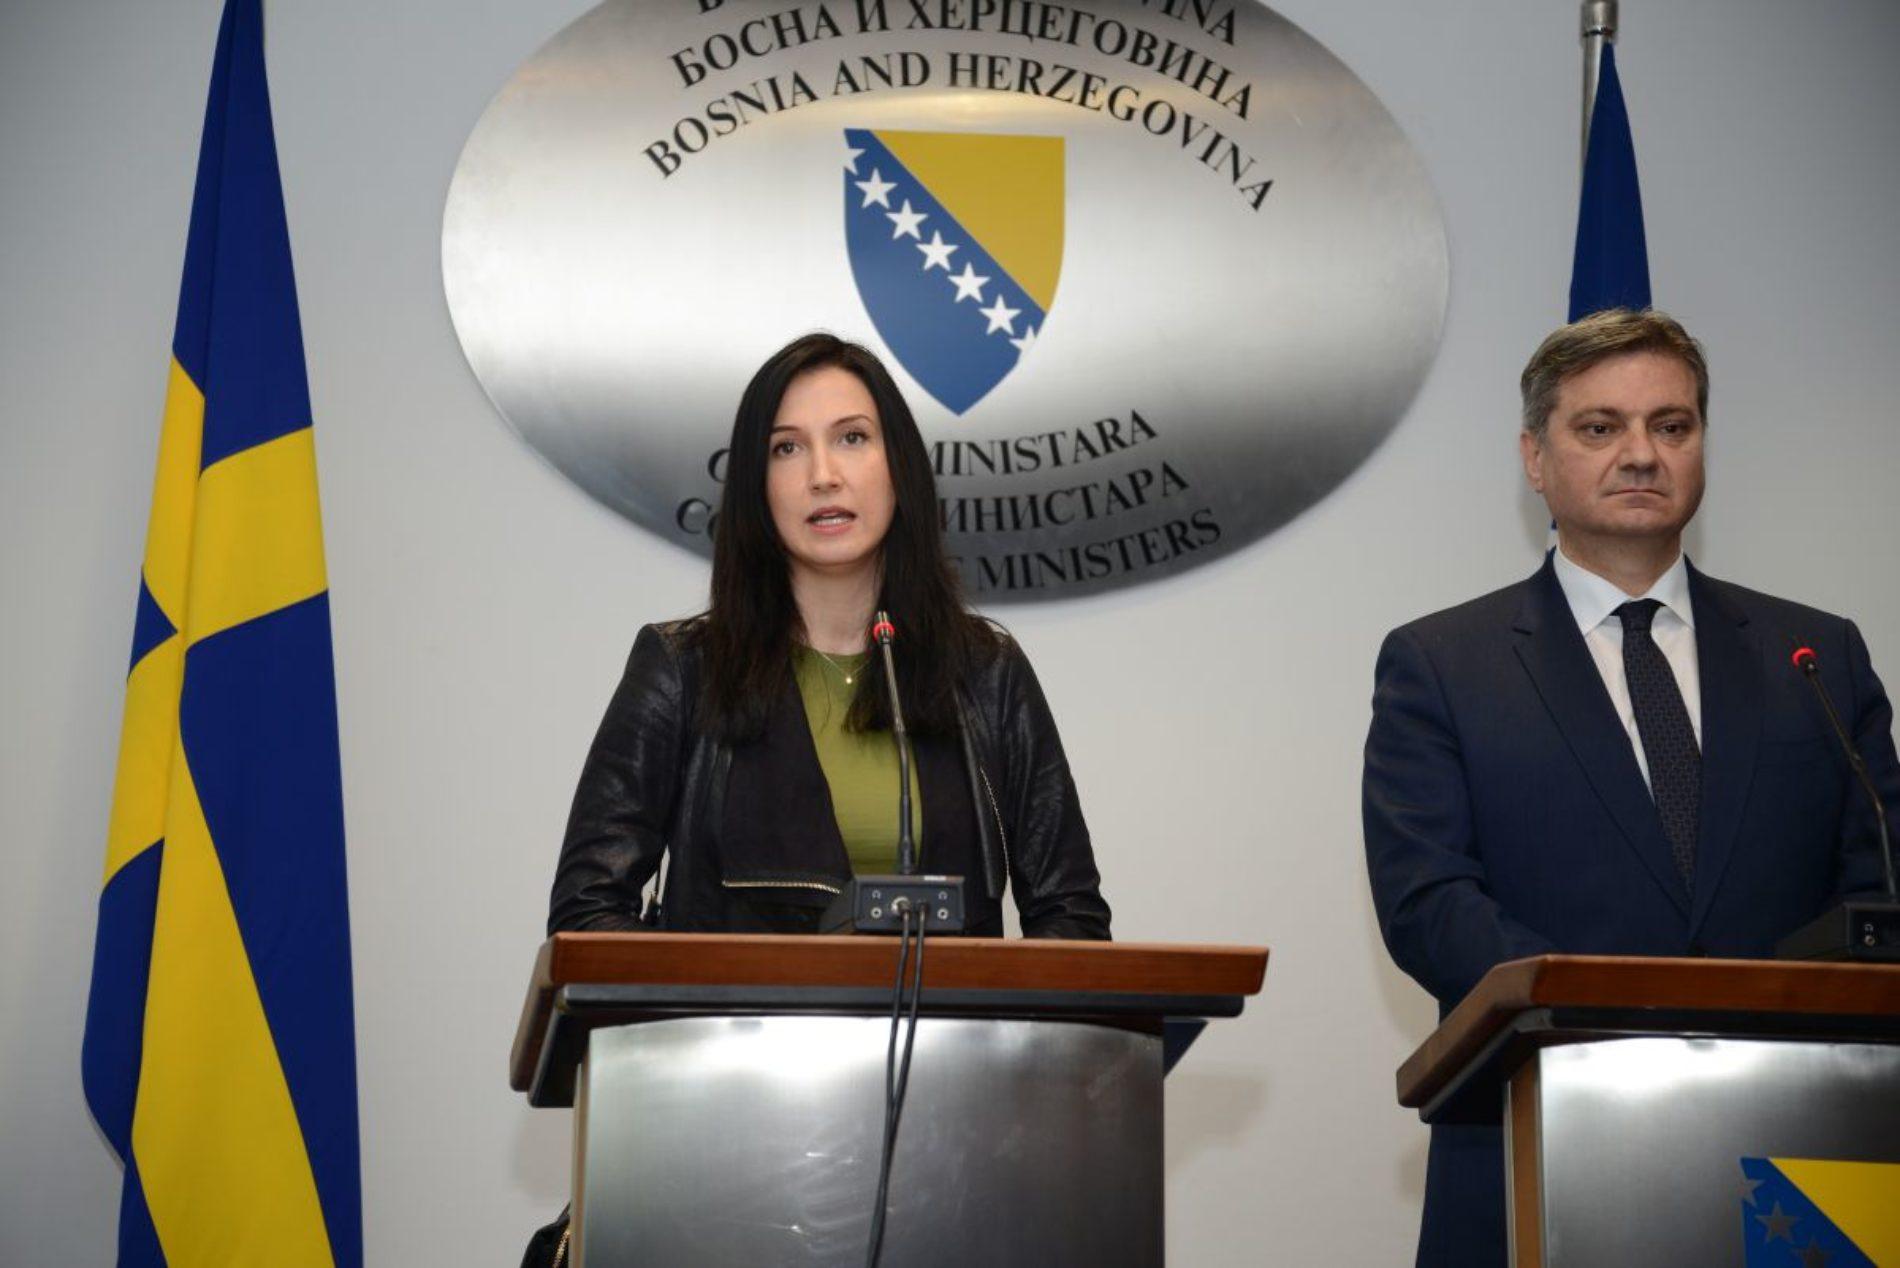 Švedska ministrica Aida Hadžialić započela zvaničnu posjetu Bosni i Hercegovini